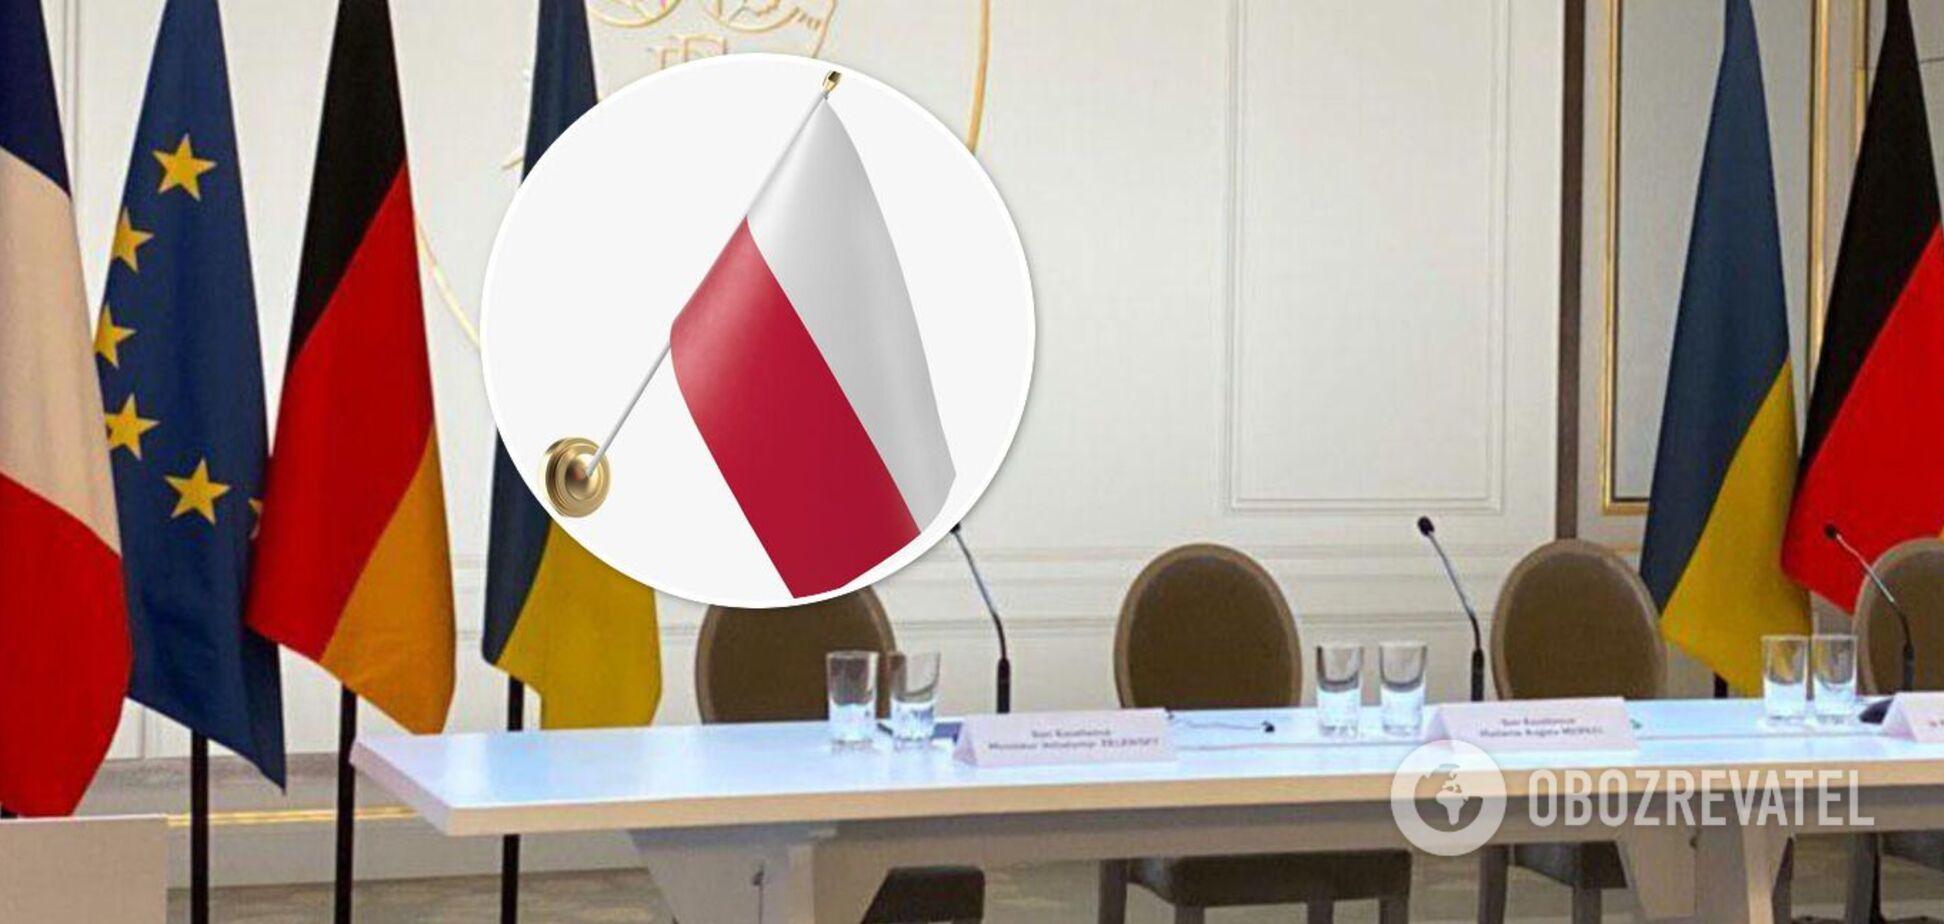 Резников: в 'нормандский формат' могут привлечь страну-соседку Украины